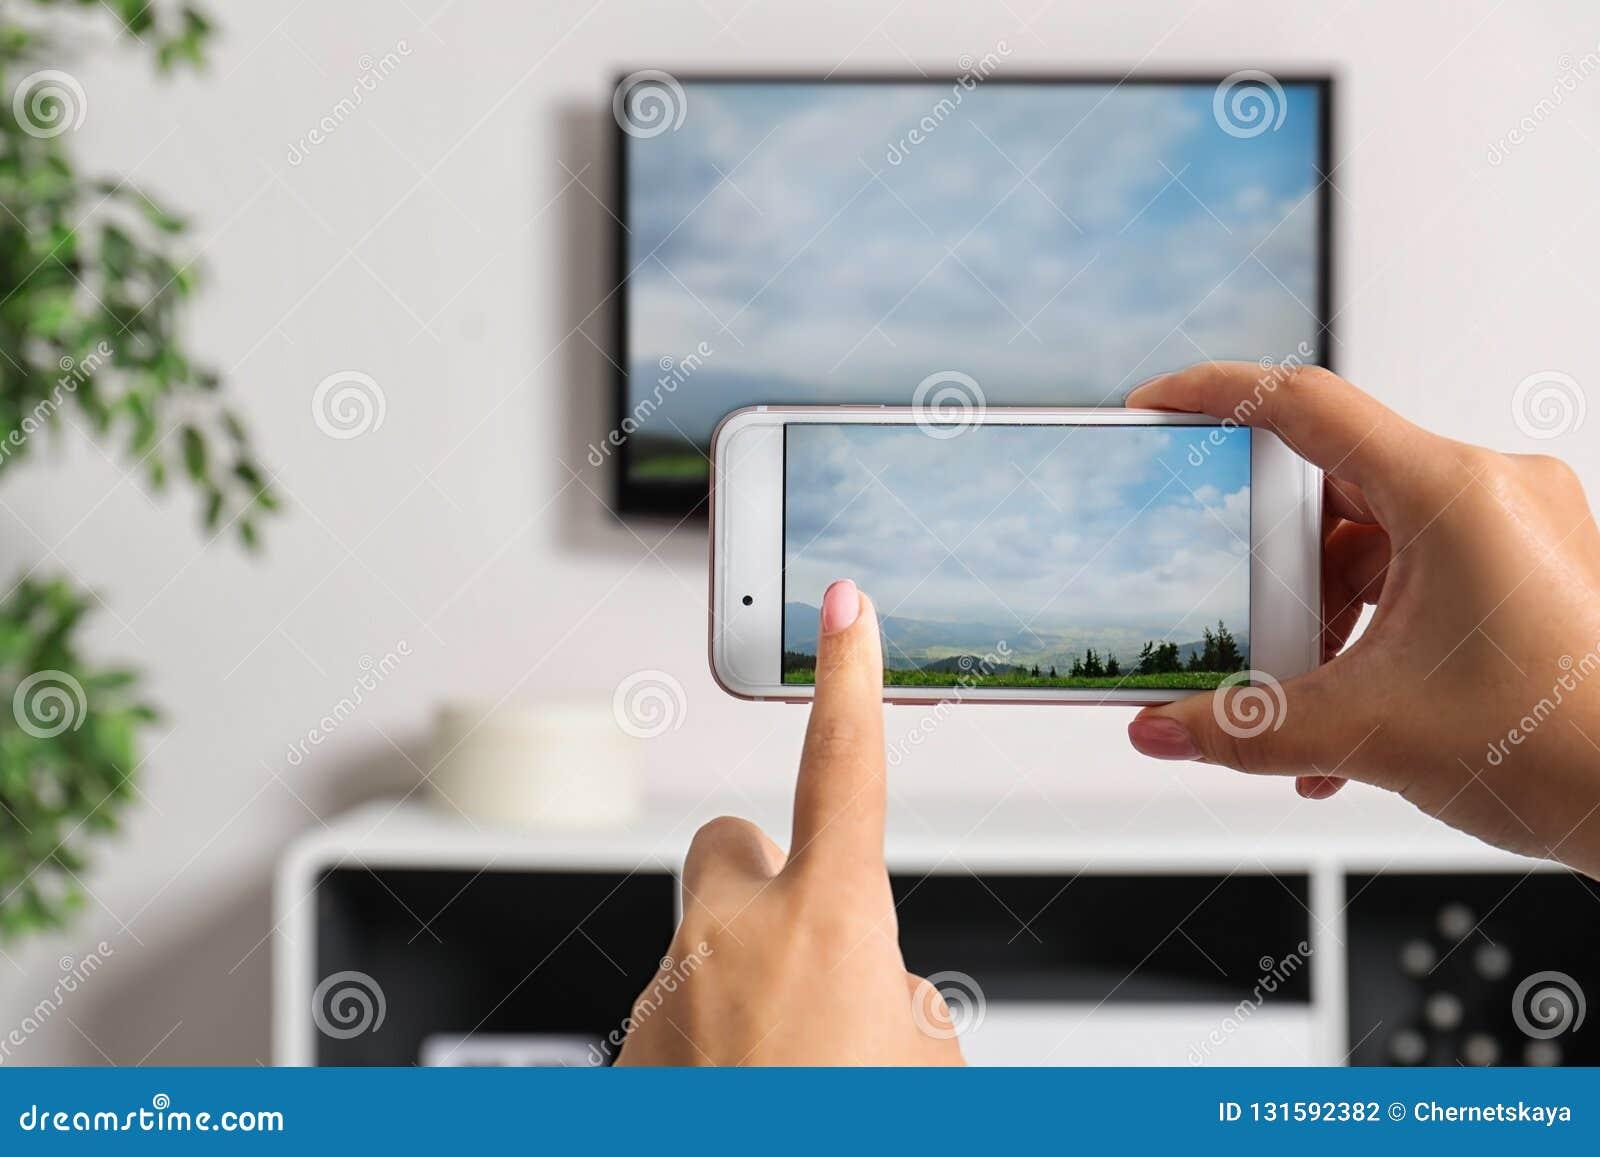 有智能手机的妇女被连接到电视